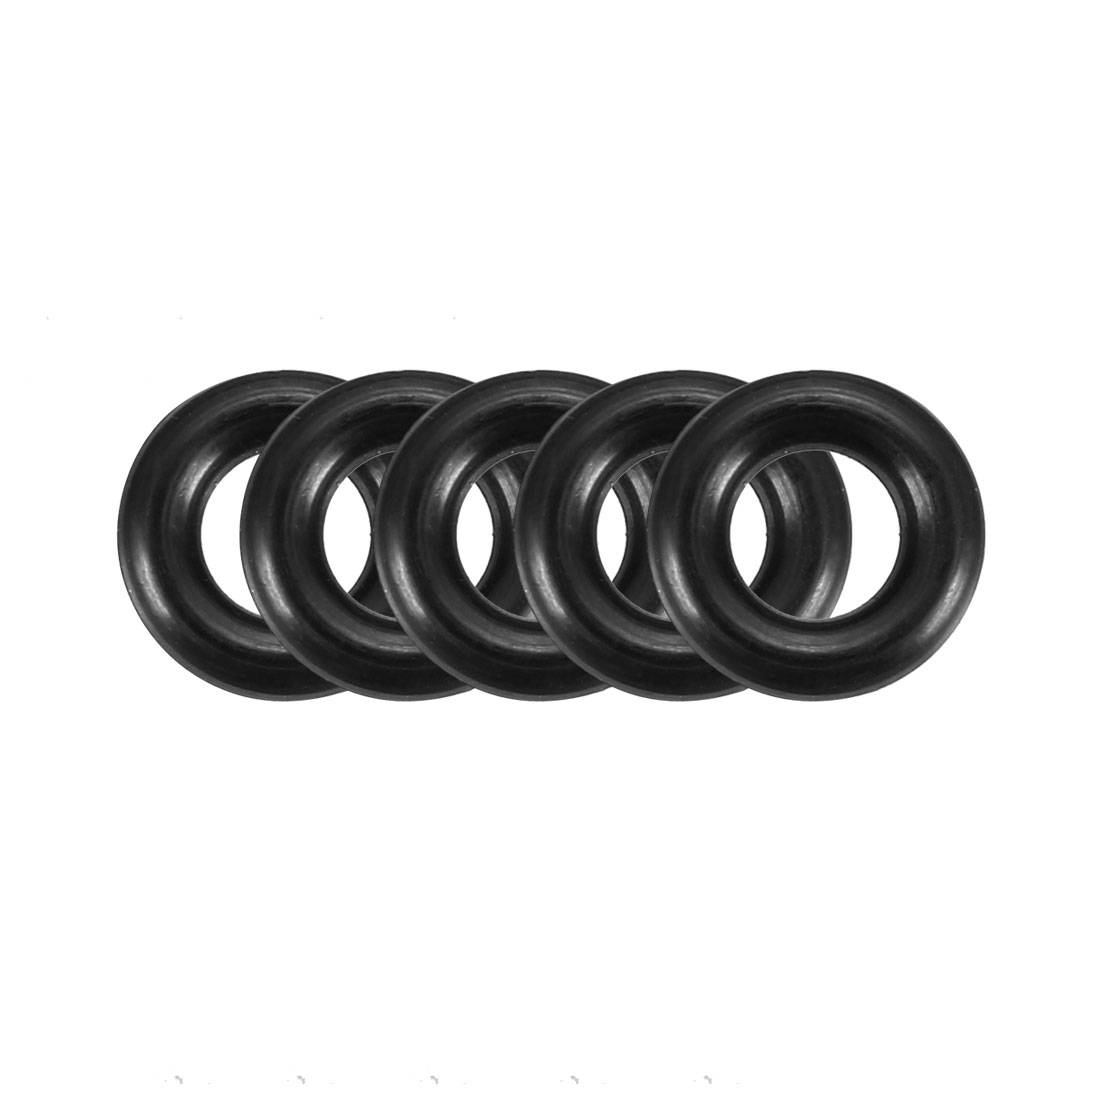 50pcs Black Nitrile Butadiene Rubber NBR O-Ring 3.55mm Inner Dia 1.8mm Width